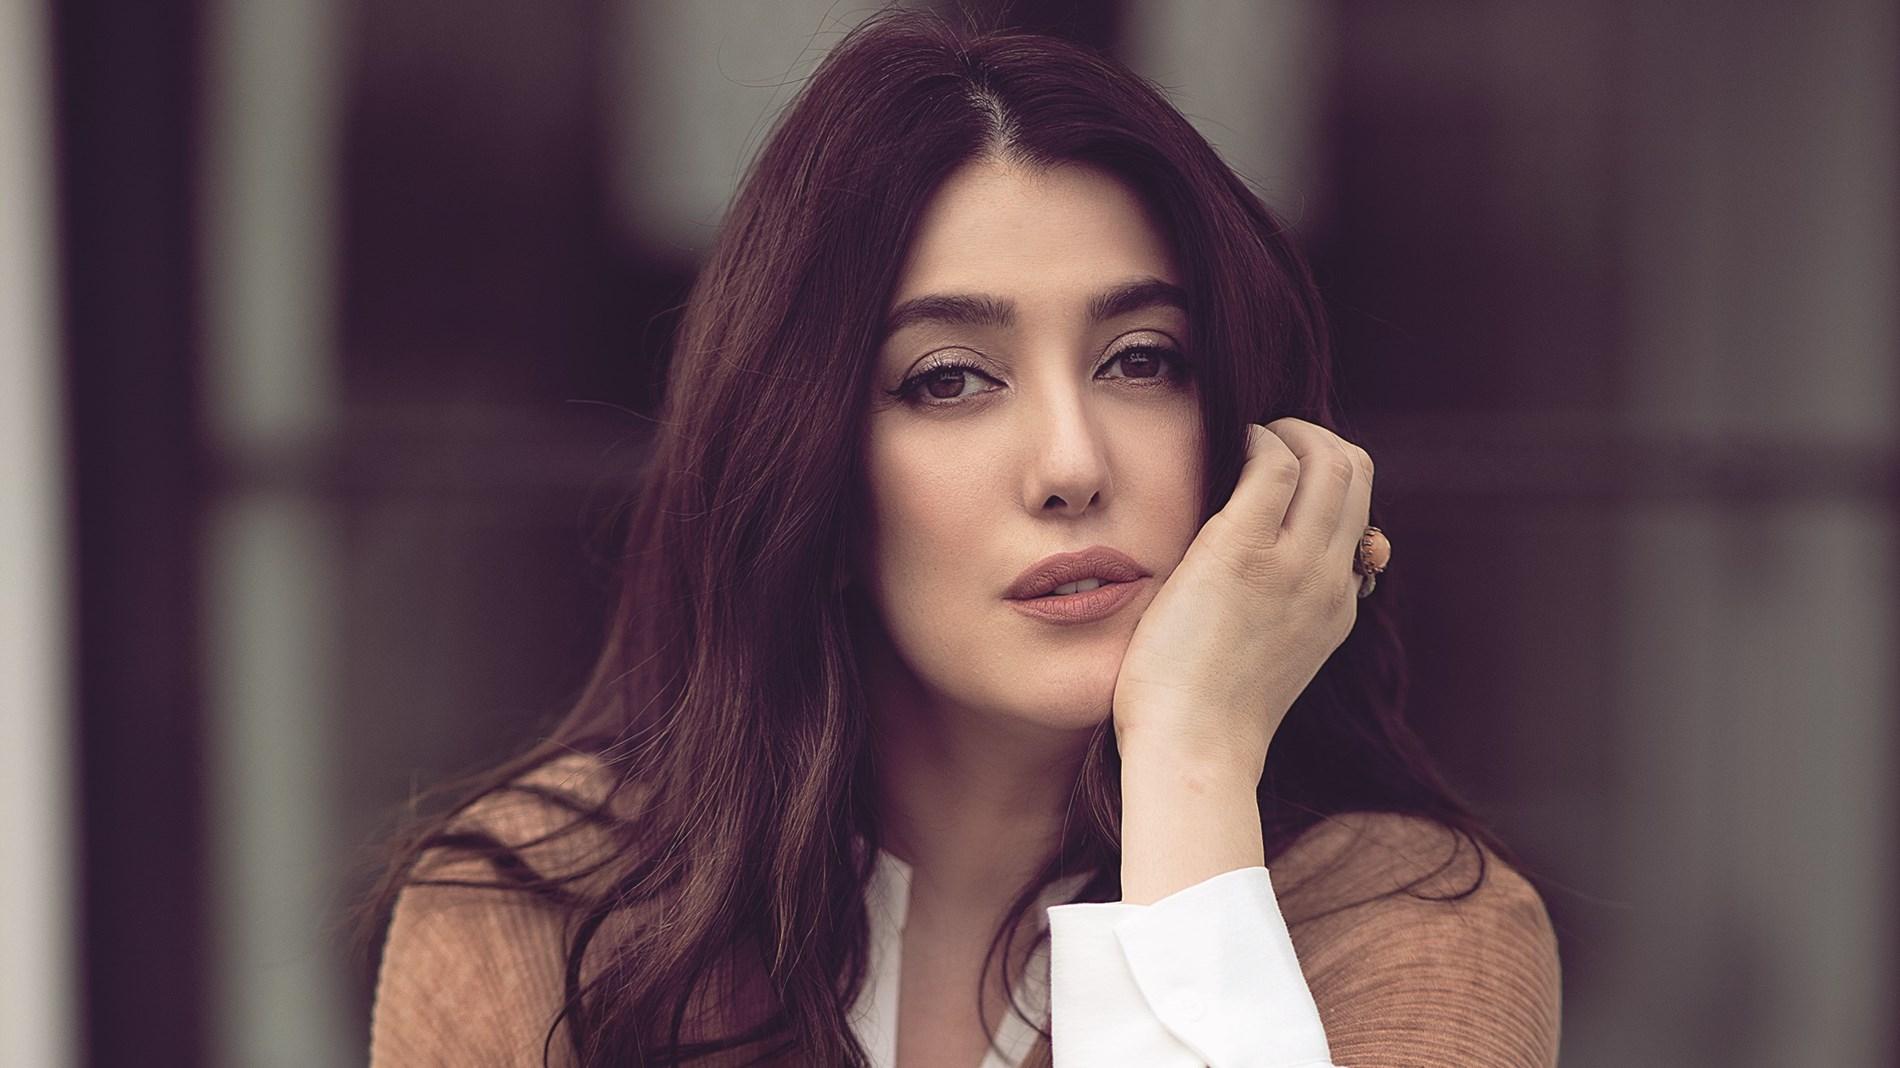 كندة علوش توجه رسالة إلى ياسمين عبدالعزيز: شغلتي بالنا عليكي